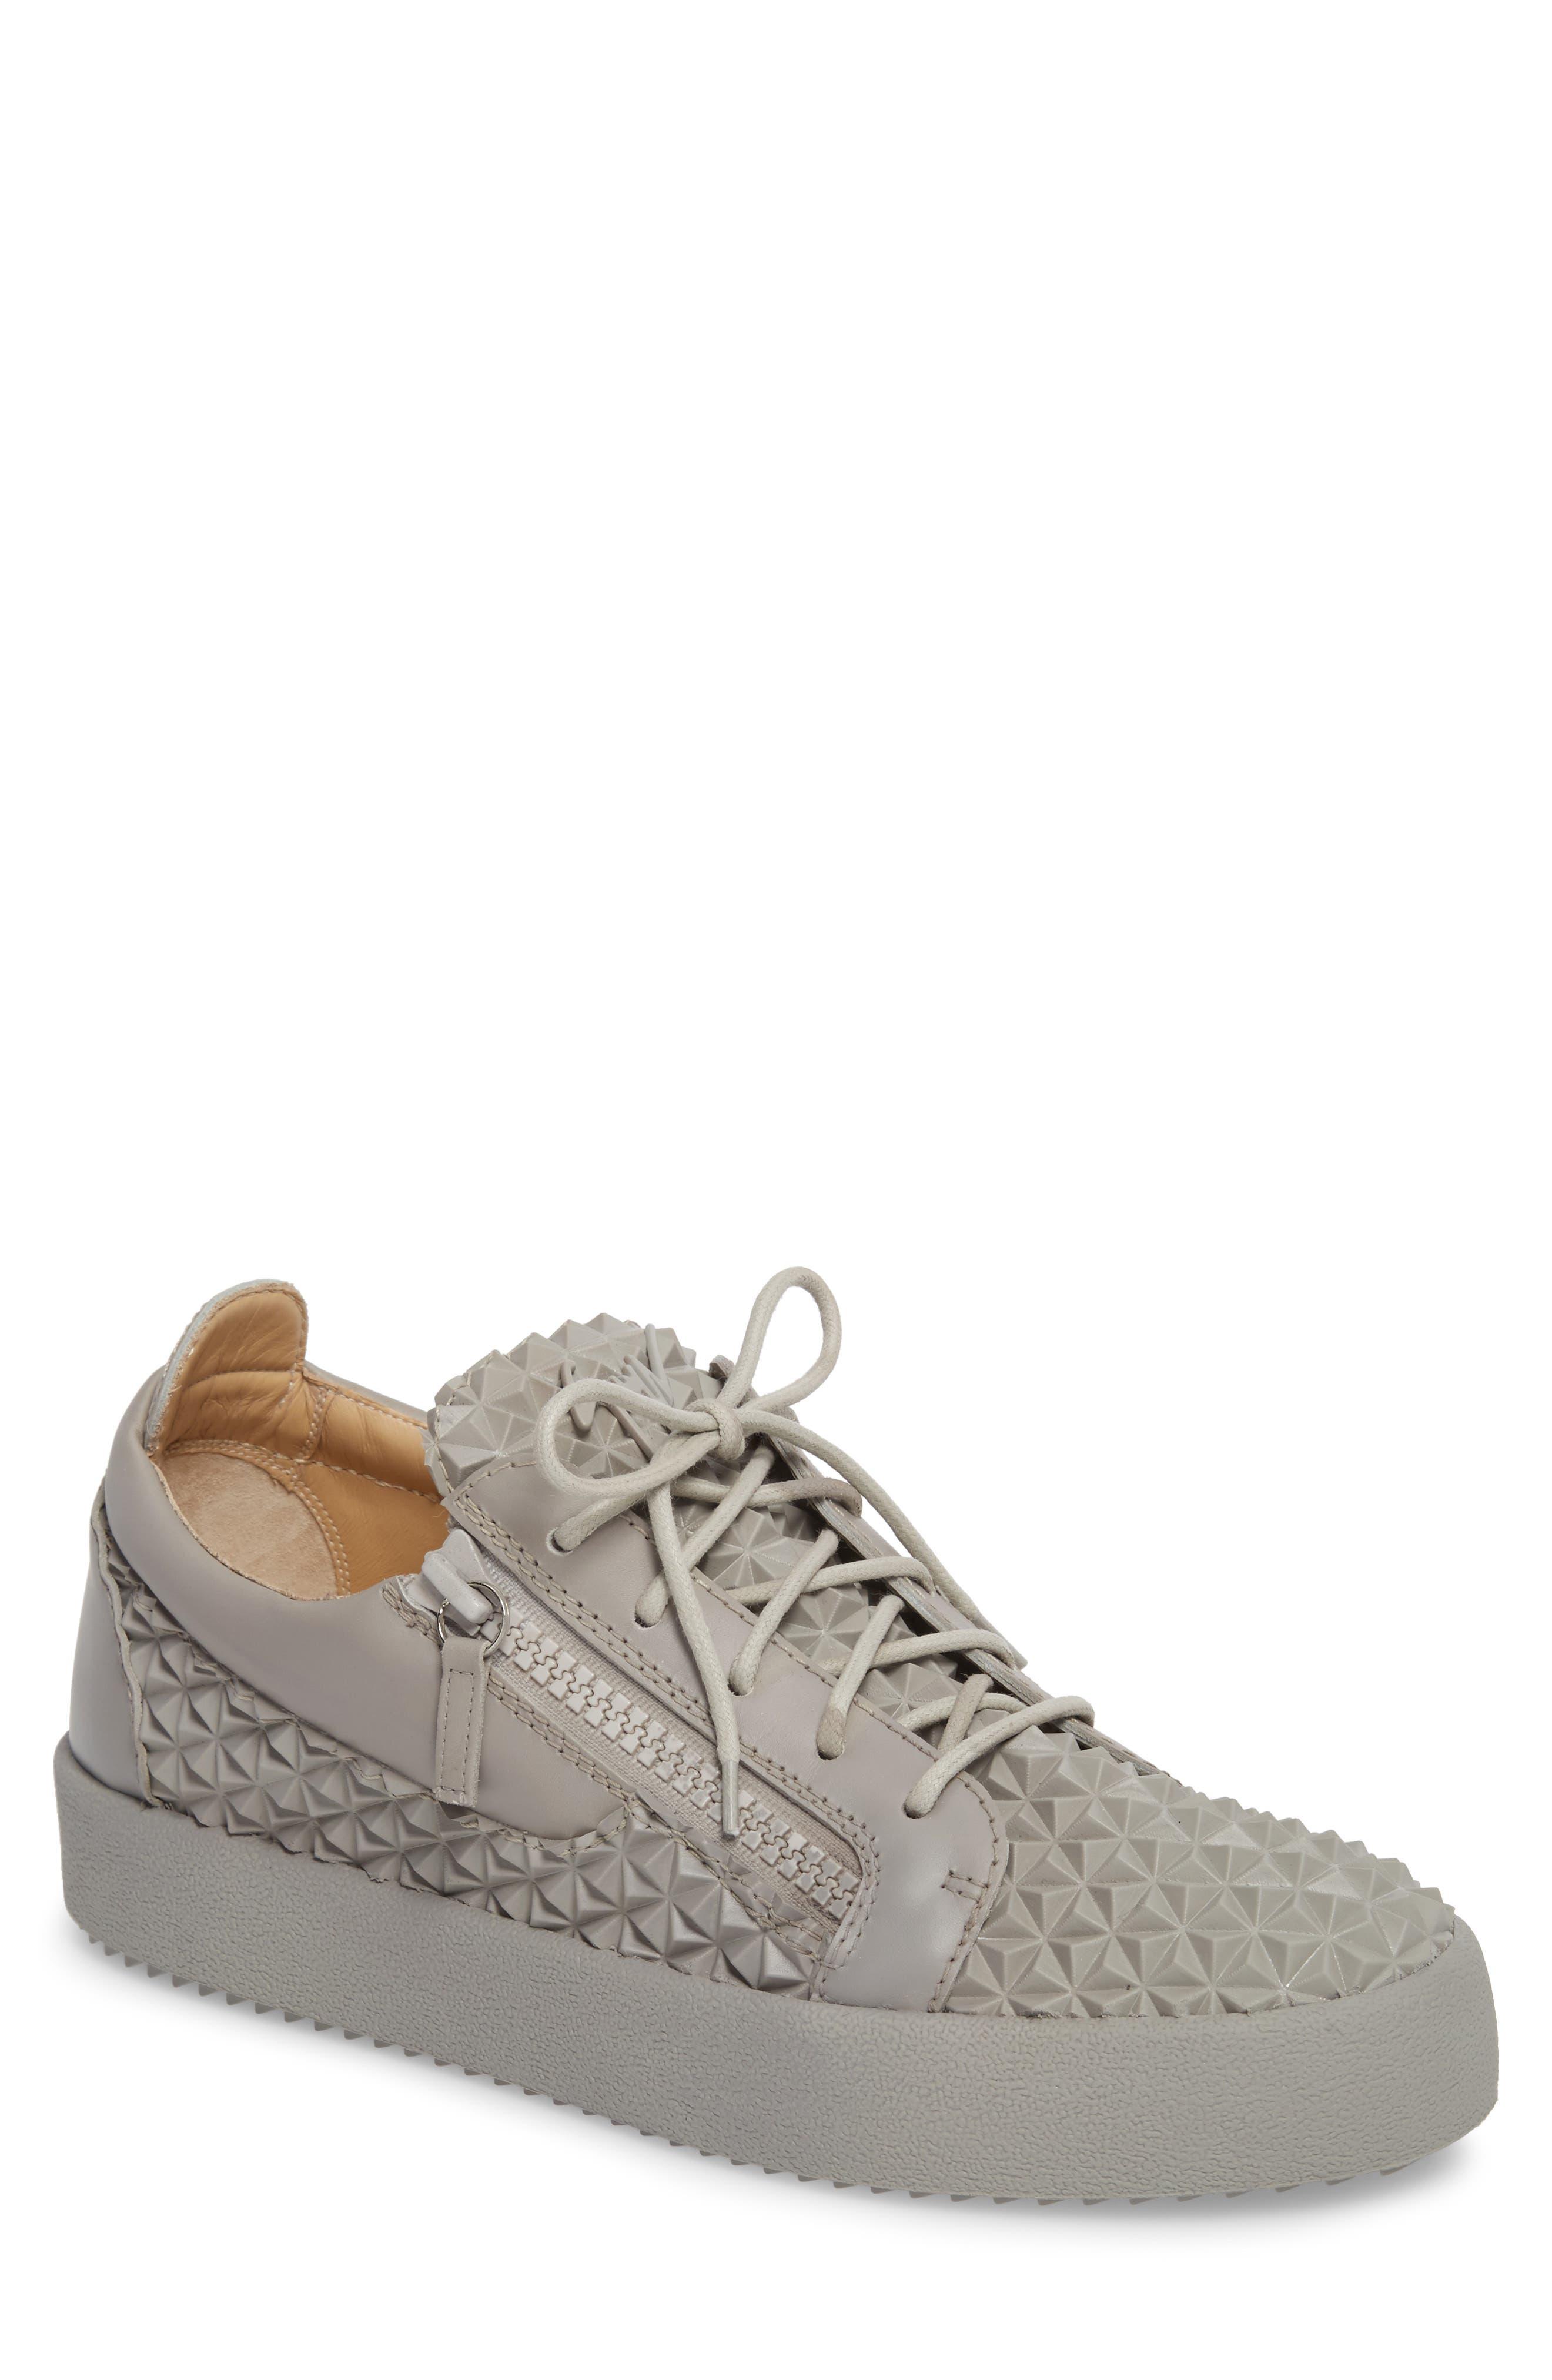 Low Top Sneaker,                         Main,                         color, Grey